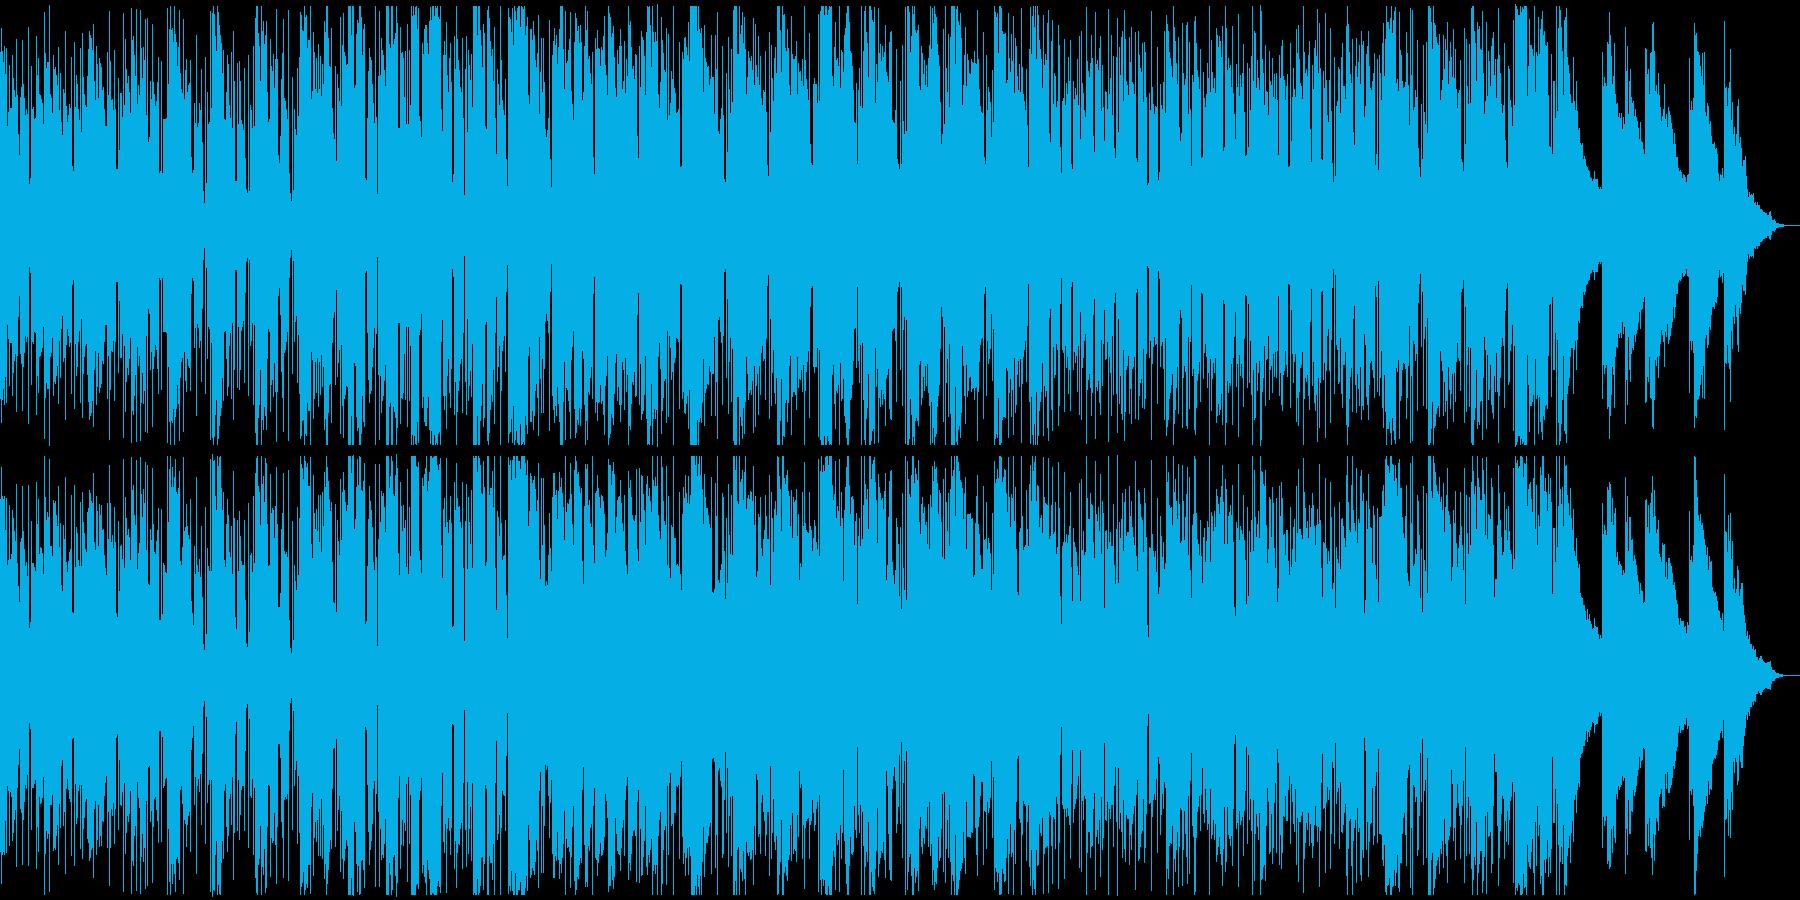 ウェスタン西部劇風のギターの渋いBGMの再生済みの波形